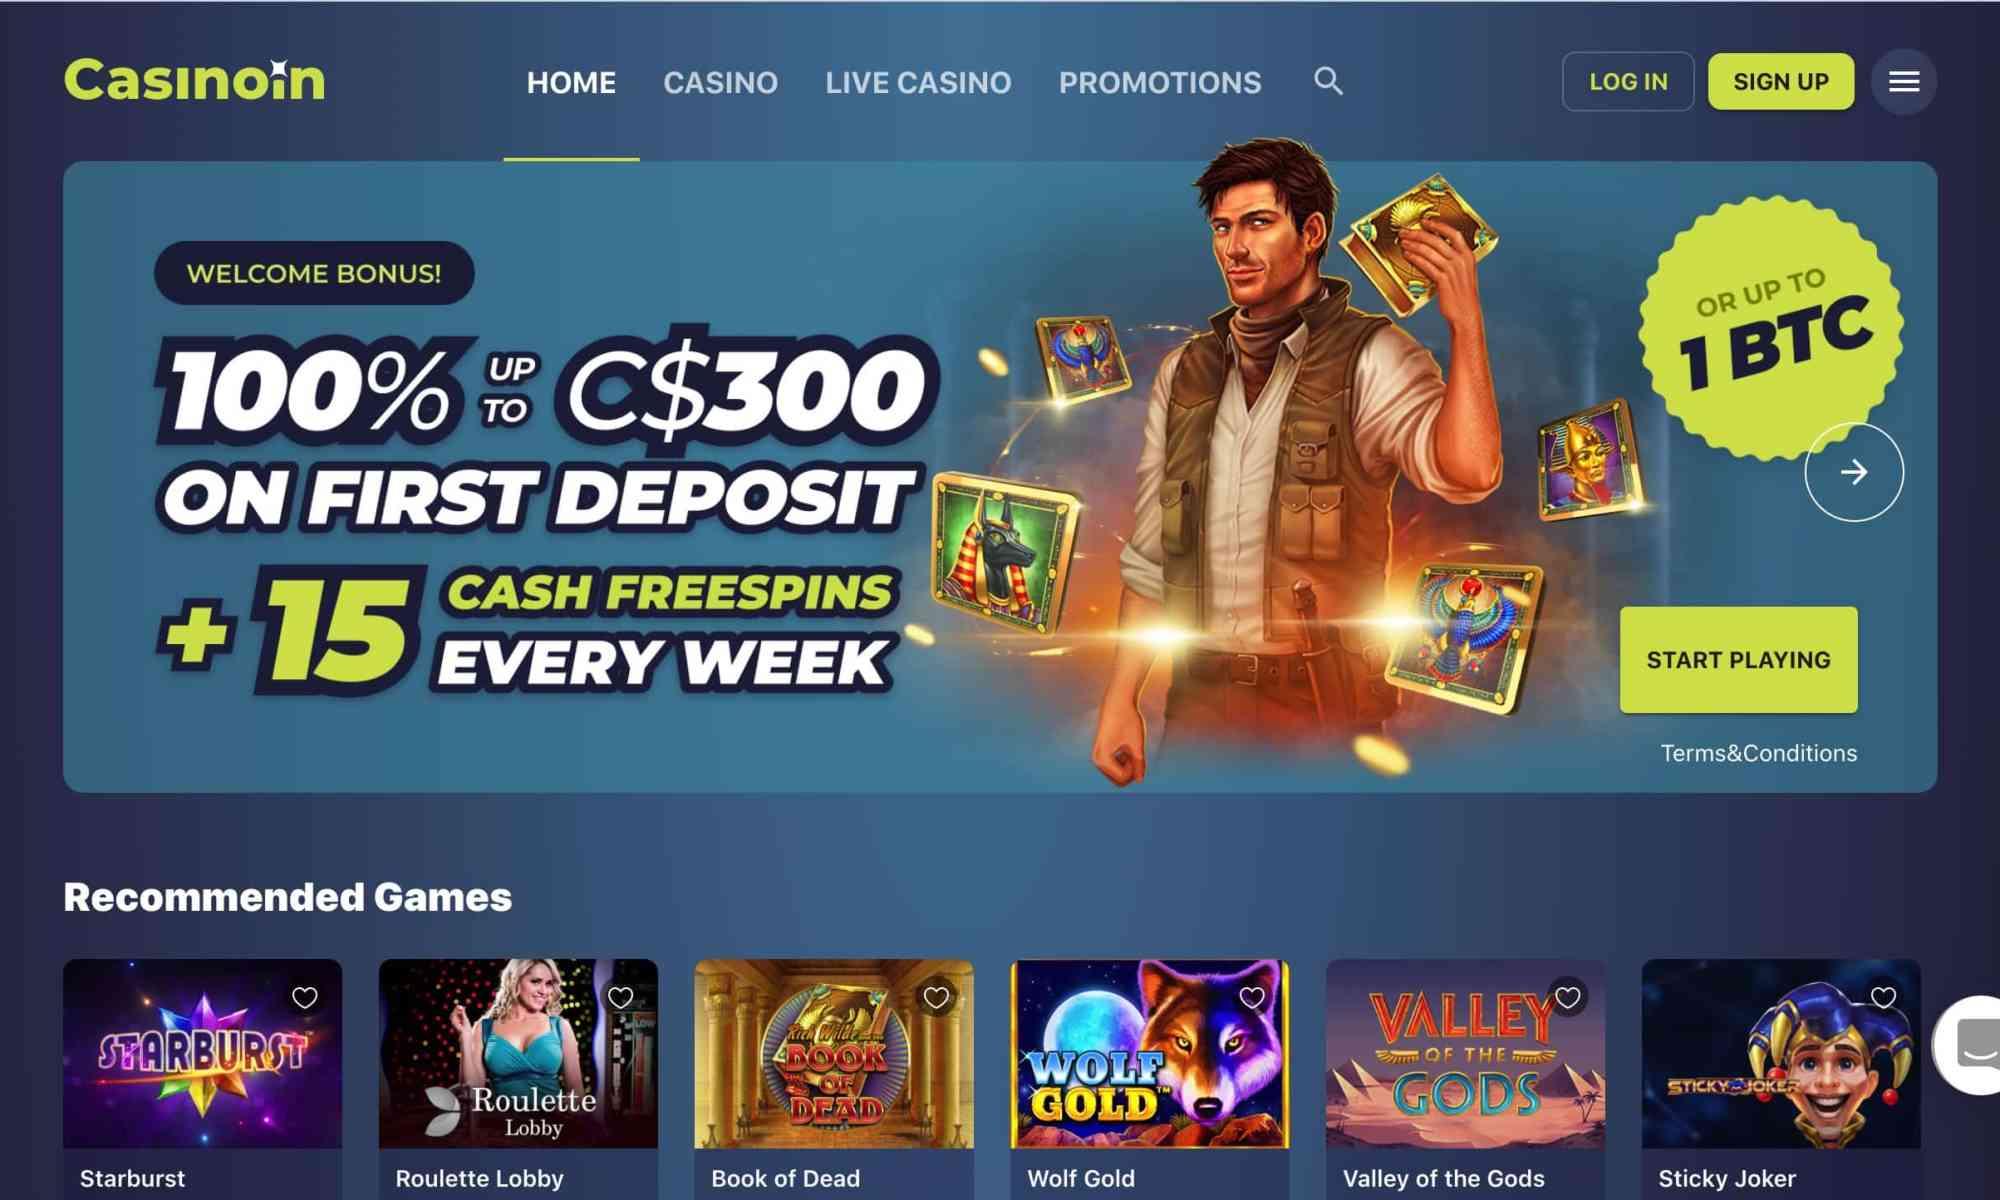 Casinoin - Get 100% Deposit Bonus + 15 Free Spins Every Week